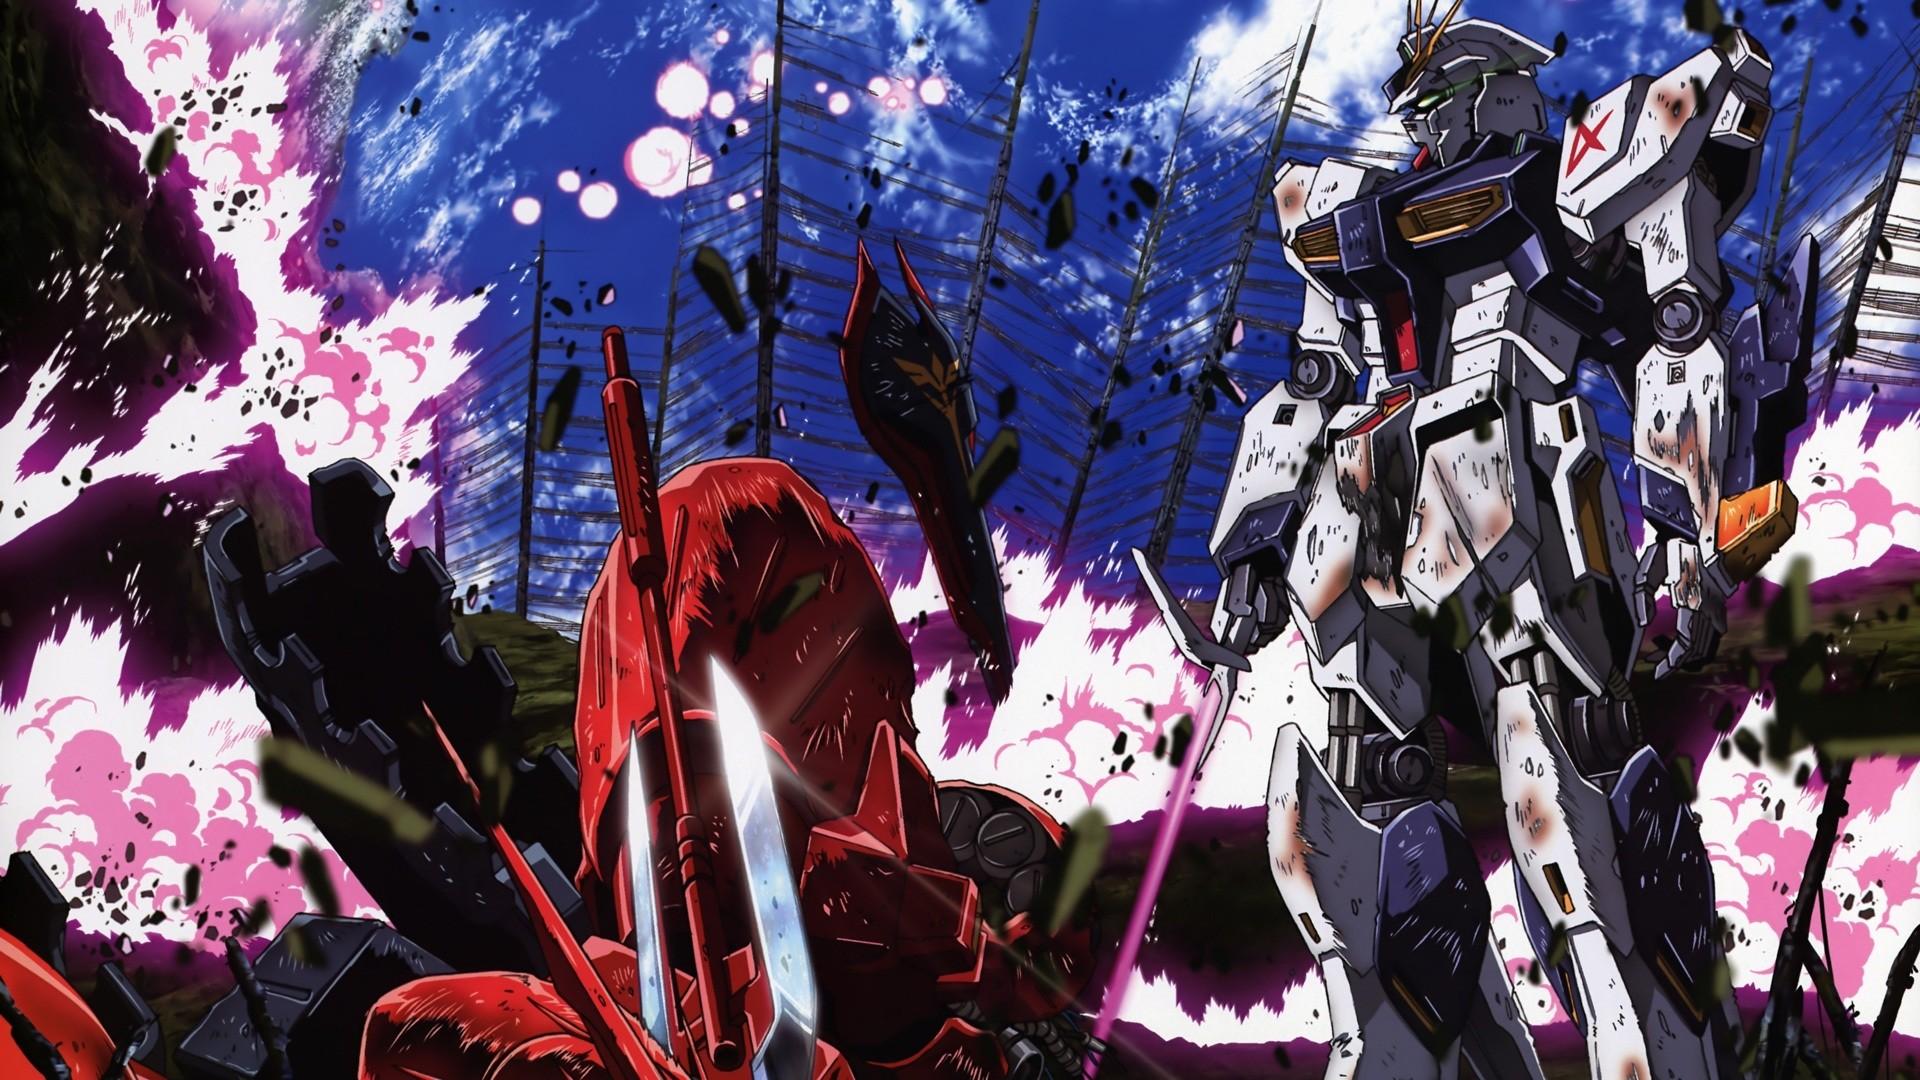 Gundam Wallpaper HD